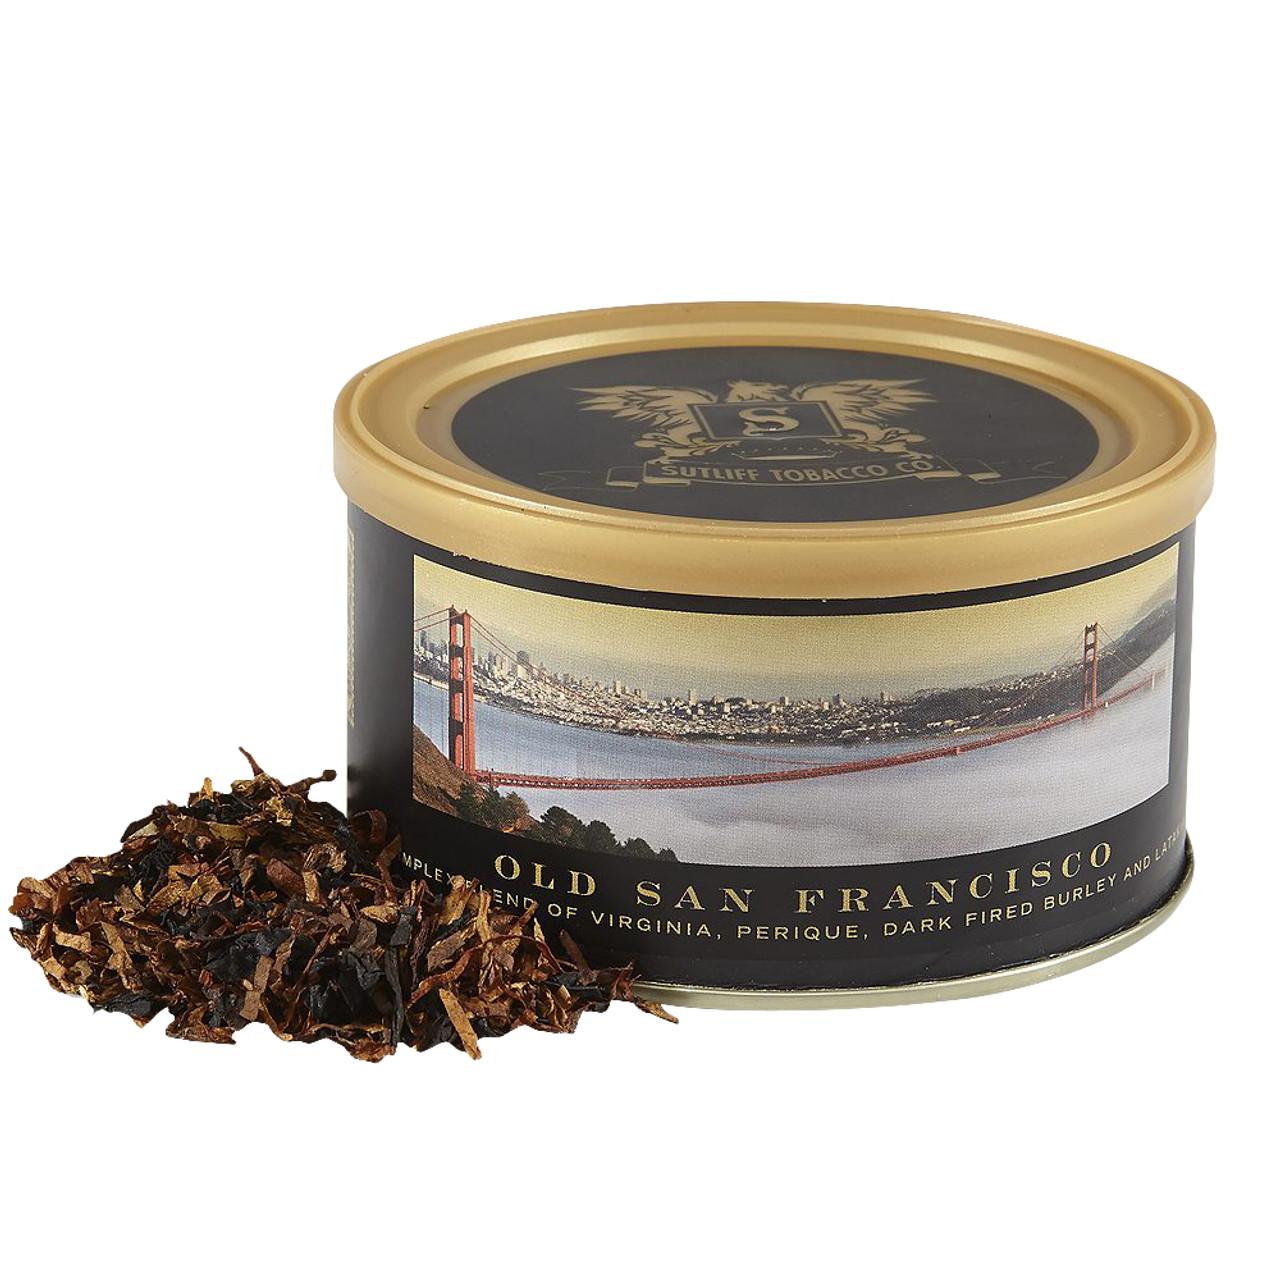 Sutliff Private Stock Old San Francisco Pipe Tobacco | 1.5 OZ TIN